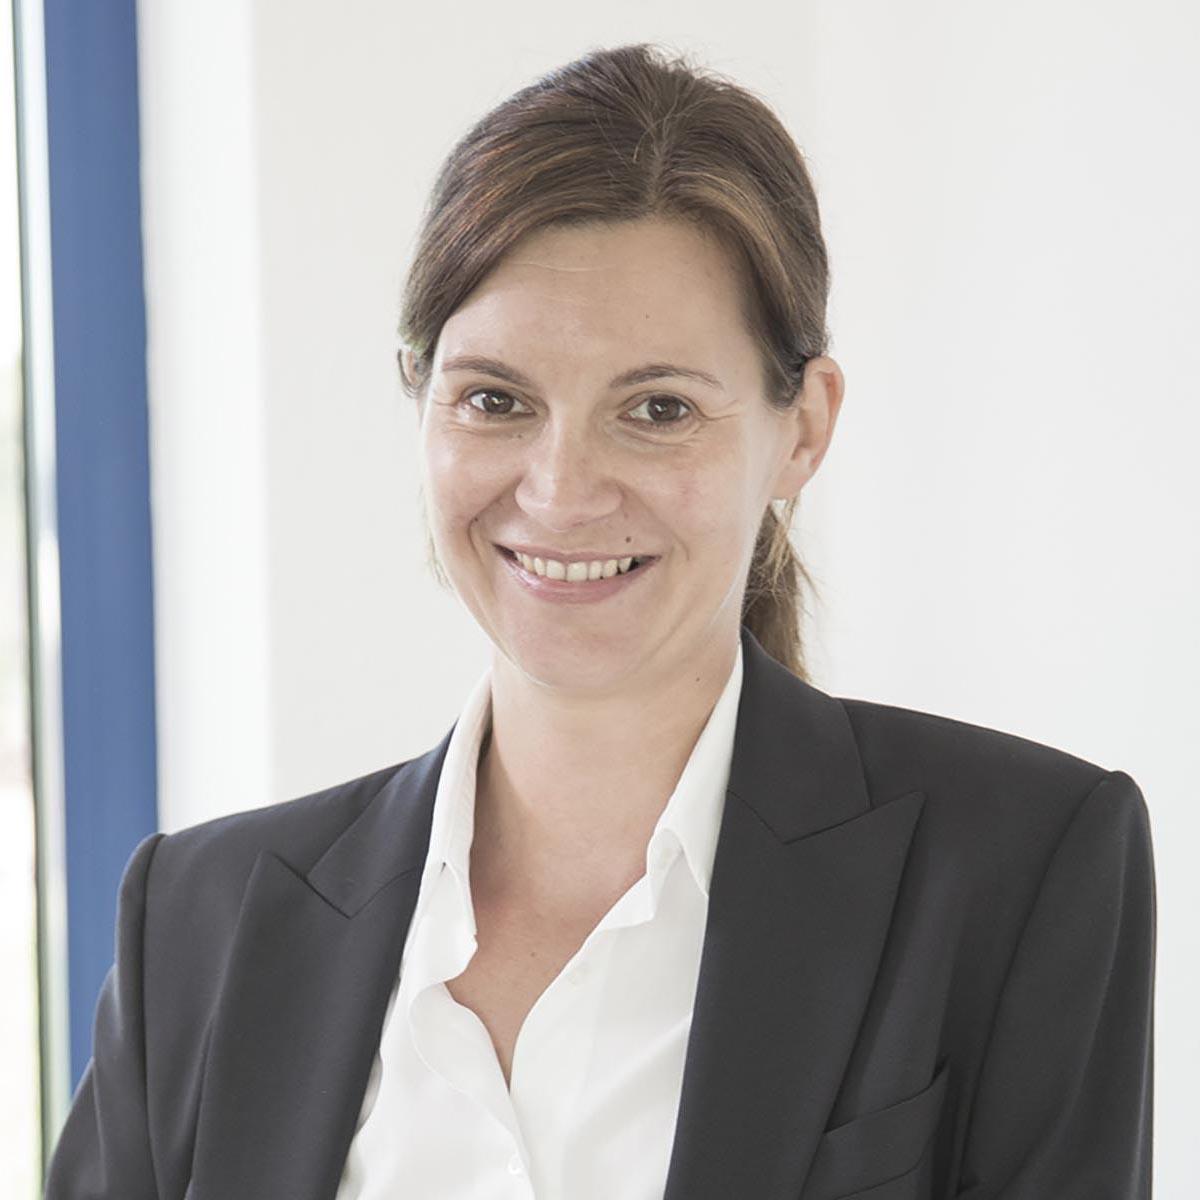 Katja Wieneke